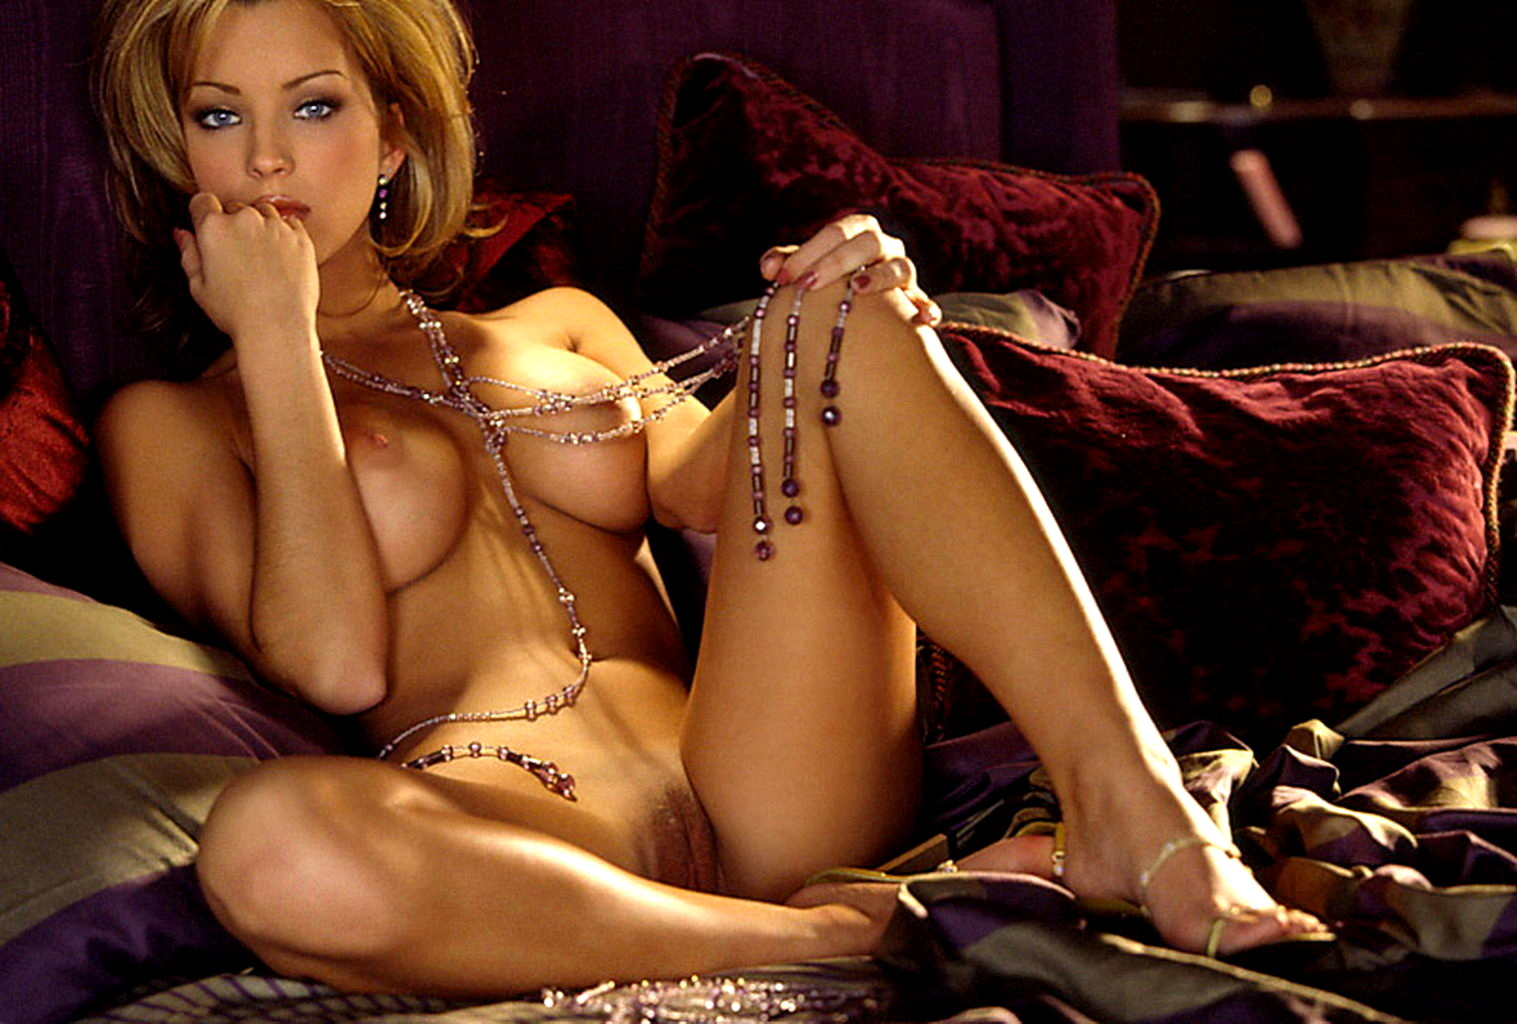 Качественное порно от плей плейбоя, онлайн сайт виртуальный секс